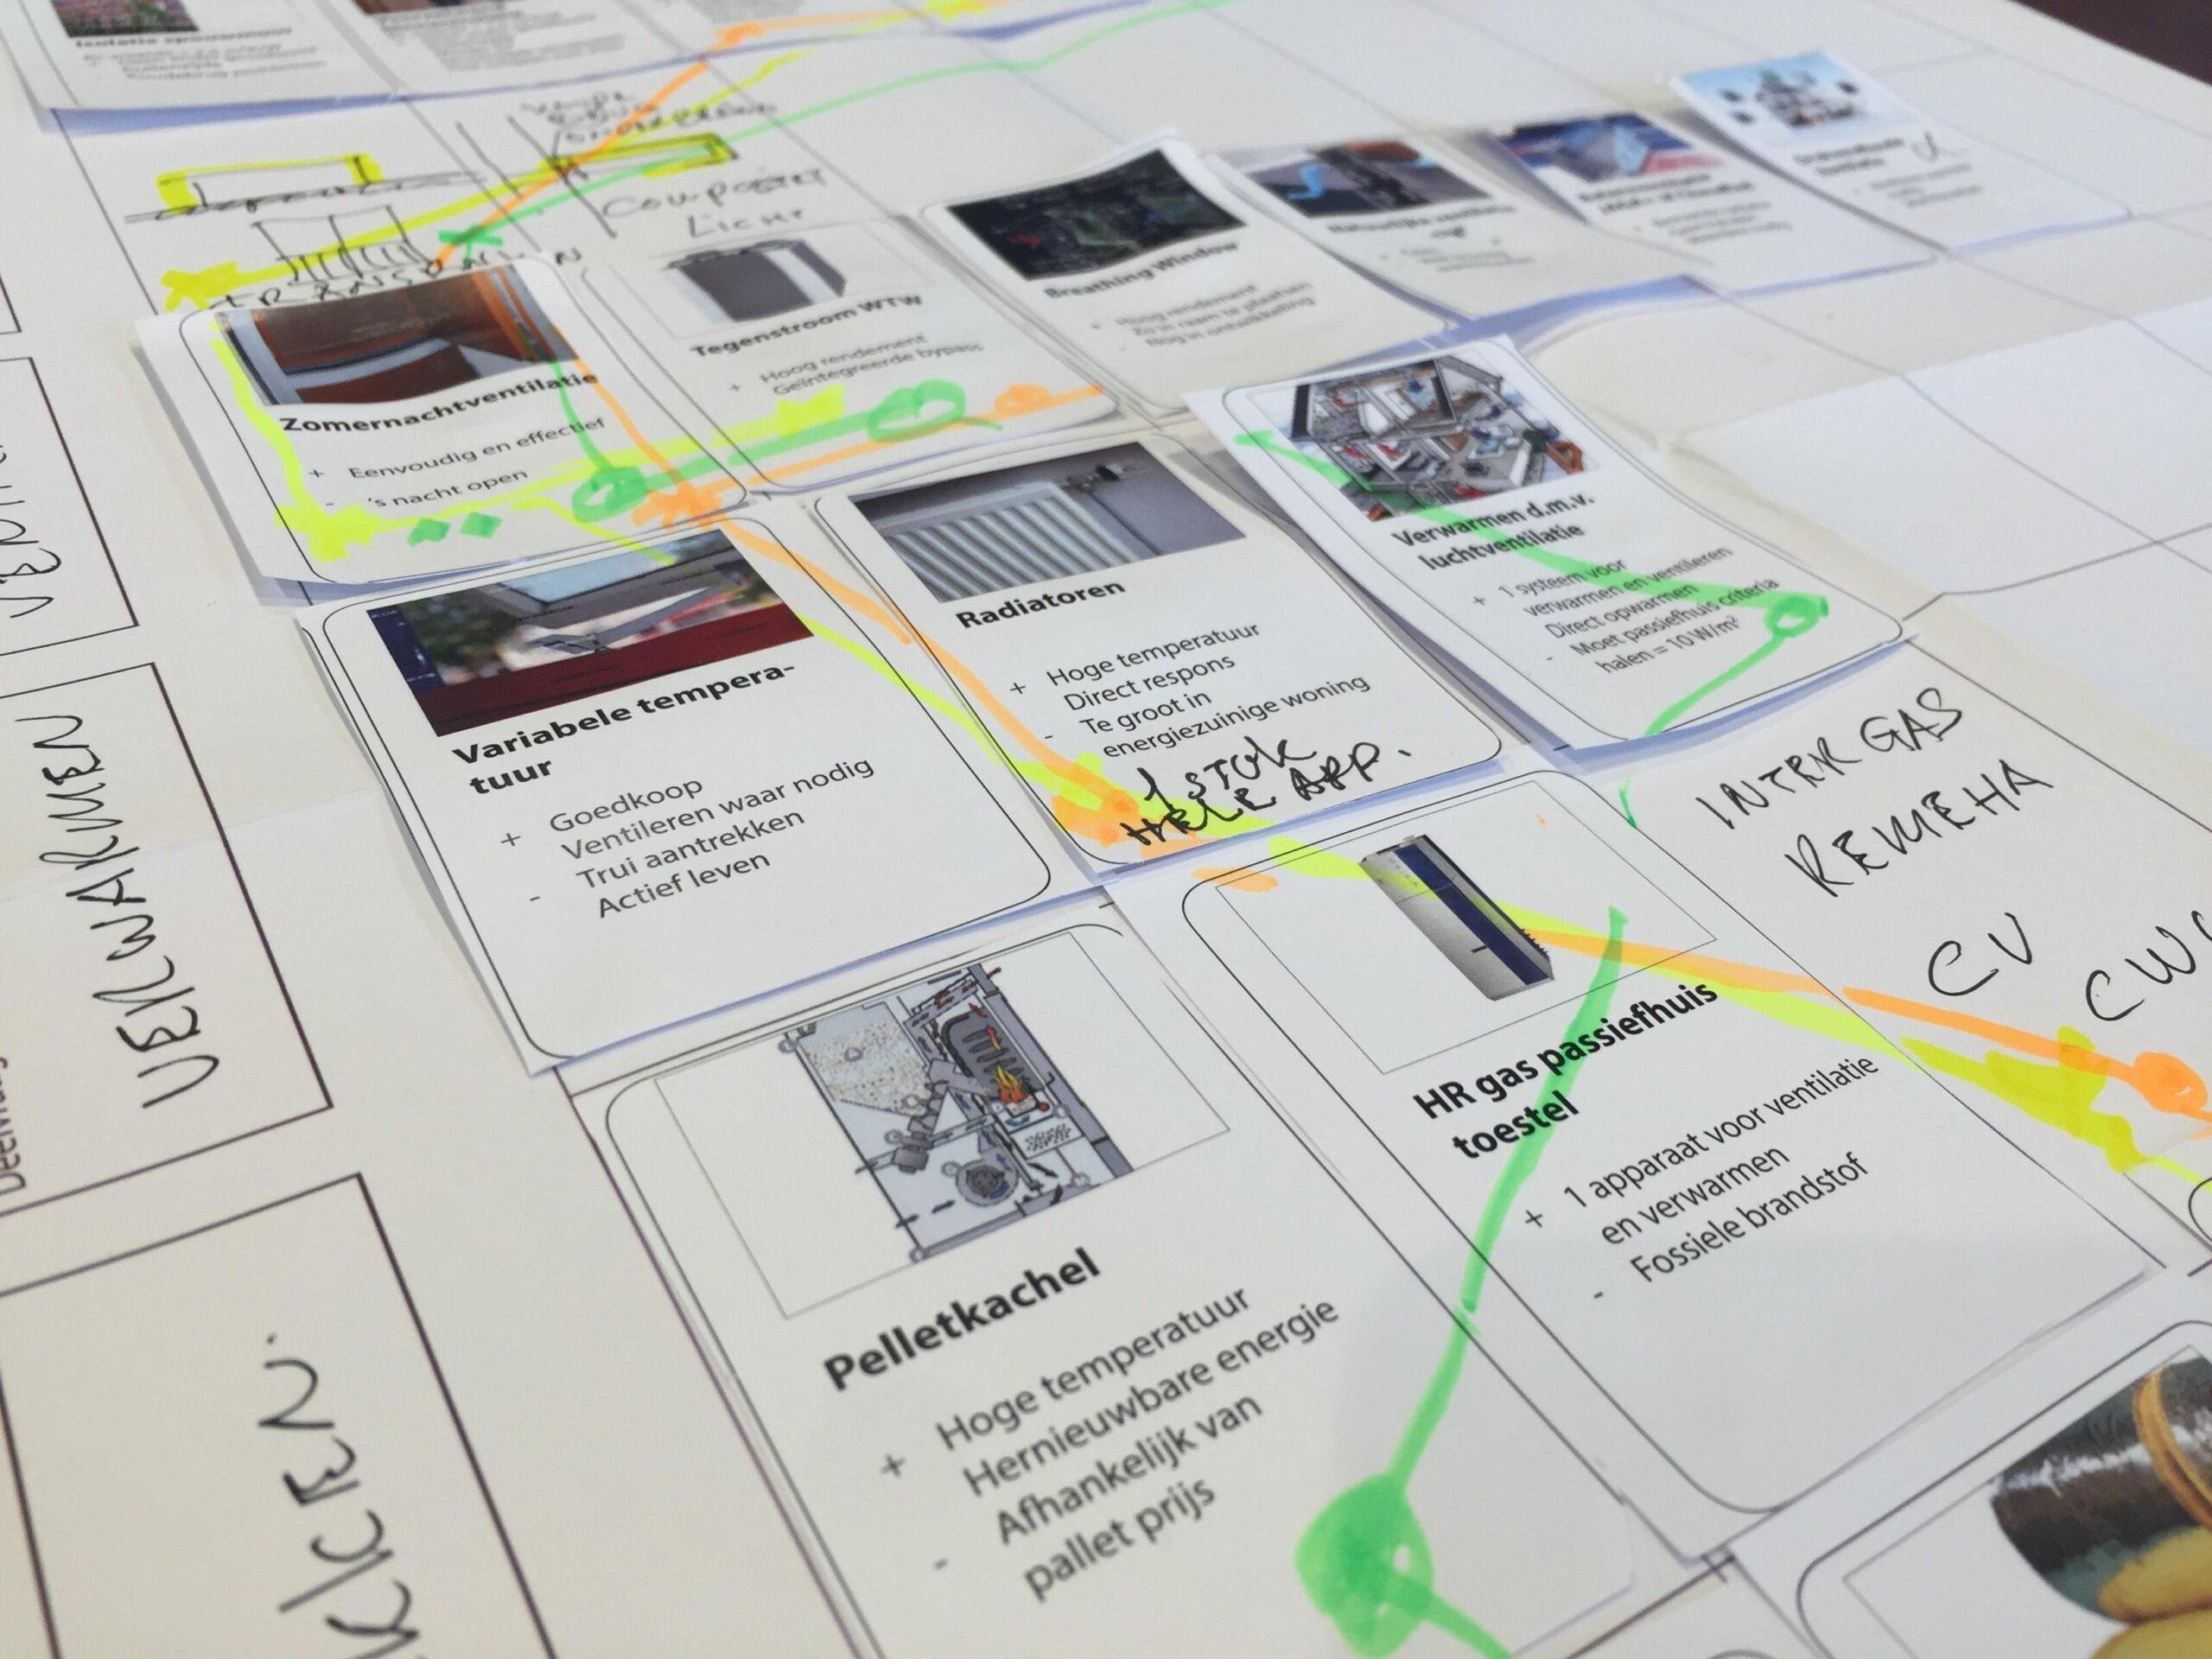 DNA workshop Morfologisch ontwerpen – deel 2